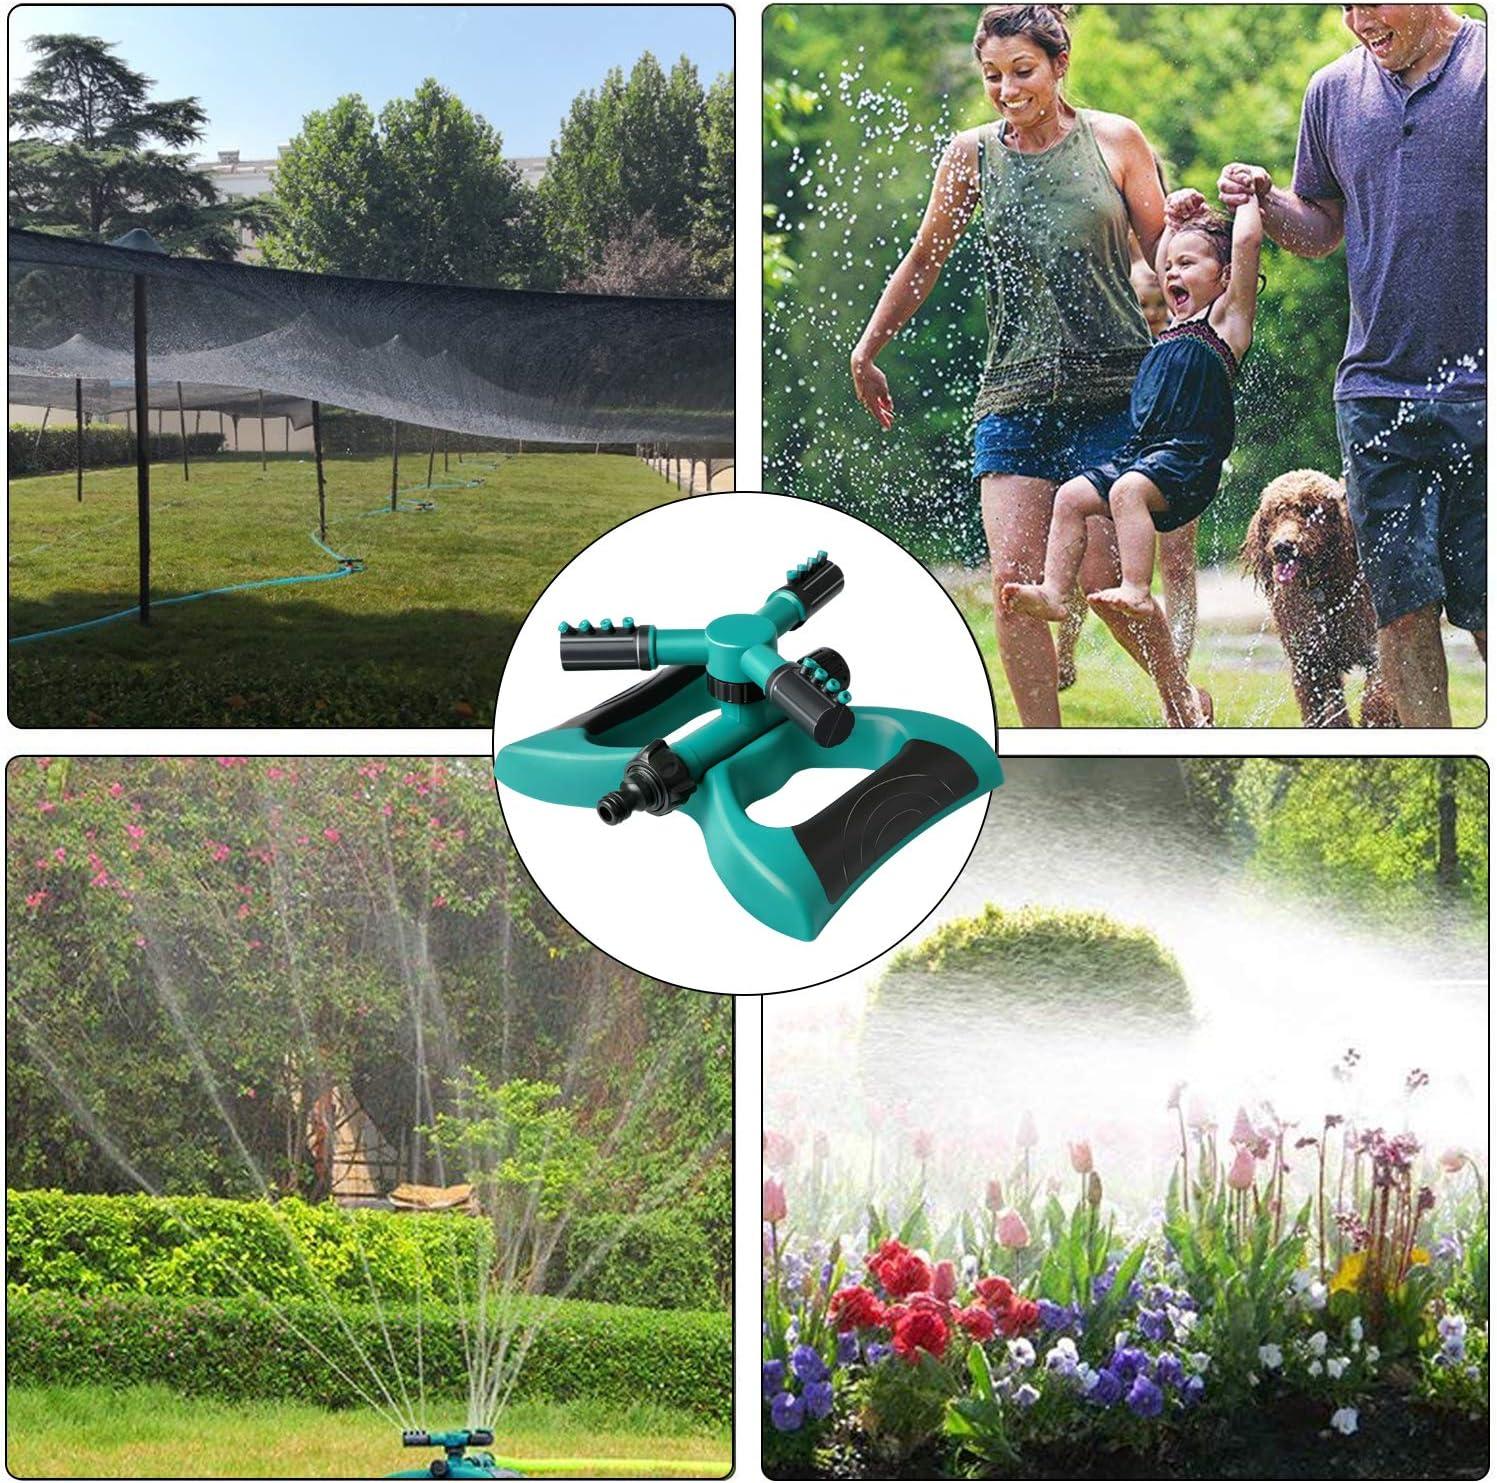 Ancees Aspersor de Riego, Automático 360° Rotación Aspersor de Agua para Jardín Adecuado para Césped Patio Jardín Sistema de Aspersión con 3 Brazos Giratorios: Amazon.es: Jardín